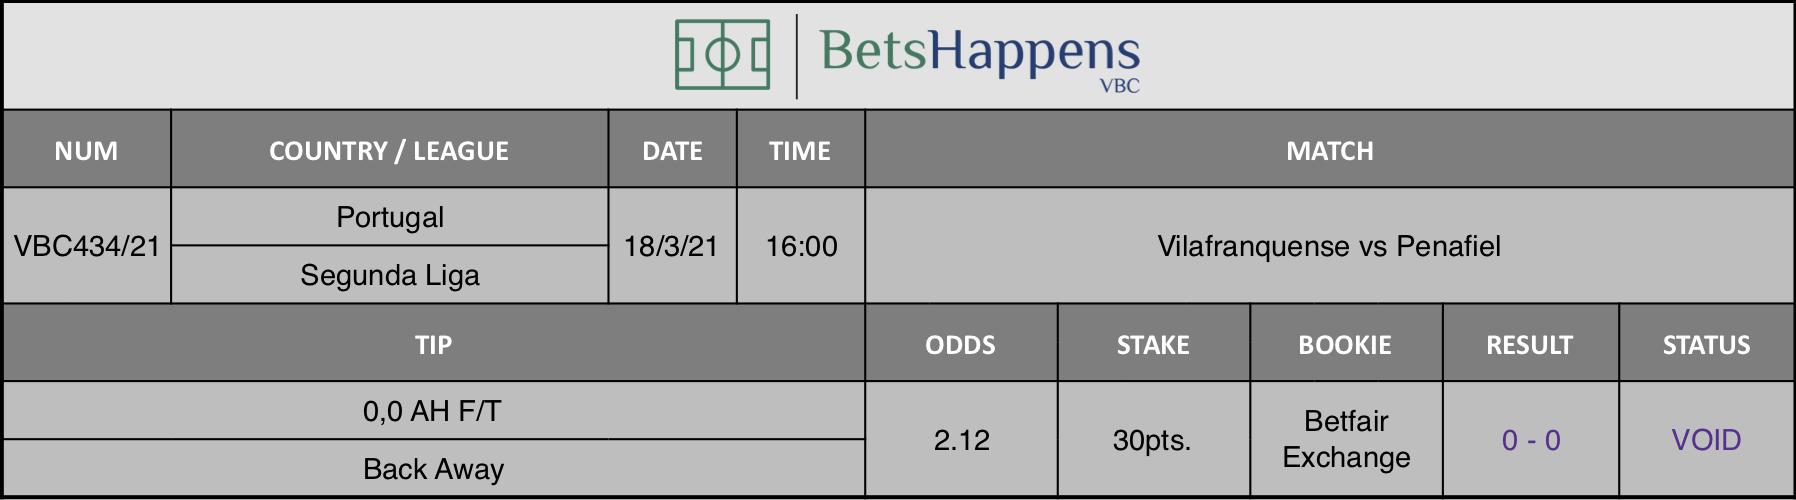 Resultados de nuestro consejo para el partido Vilafranquense vs Penafiel donde se recomienda 0,0 AH F/T Back Away.